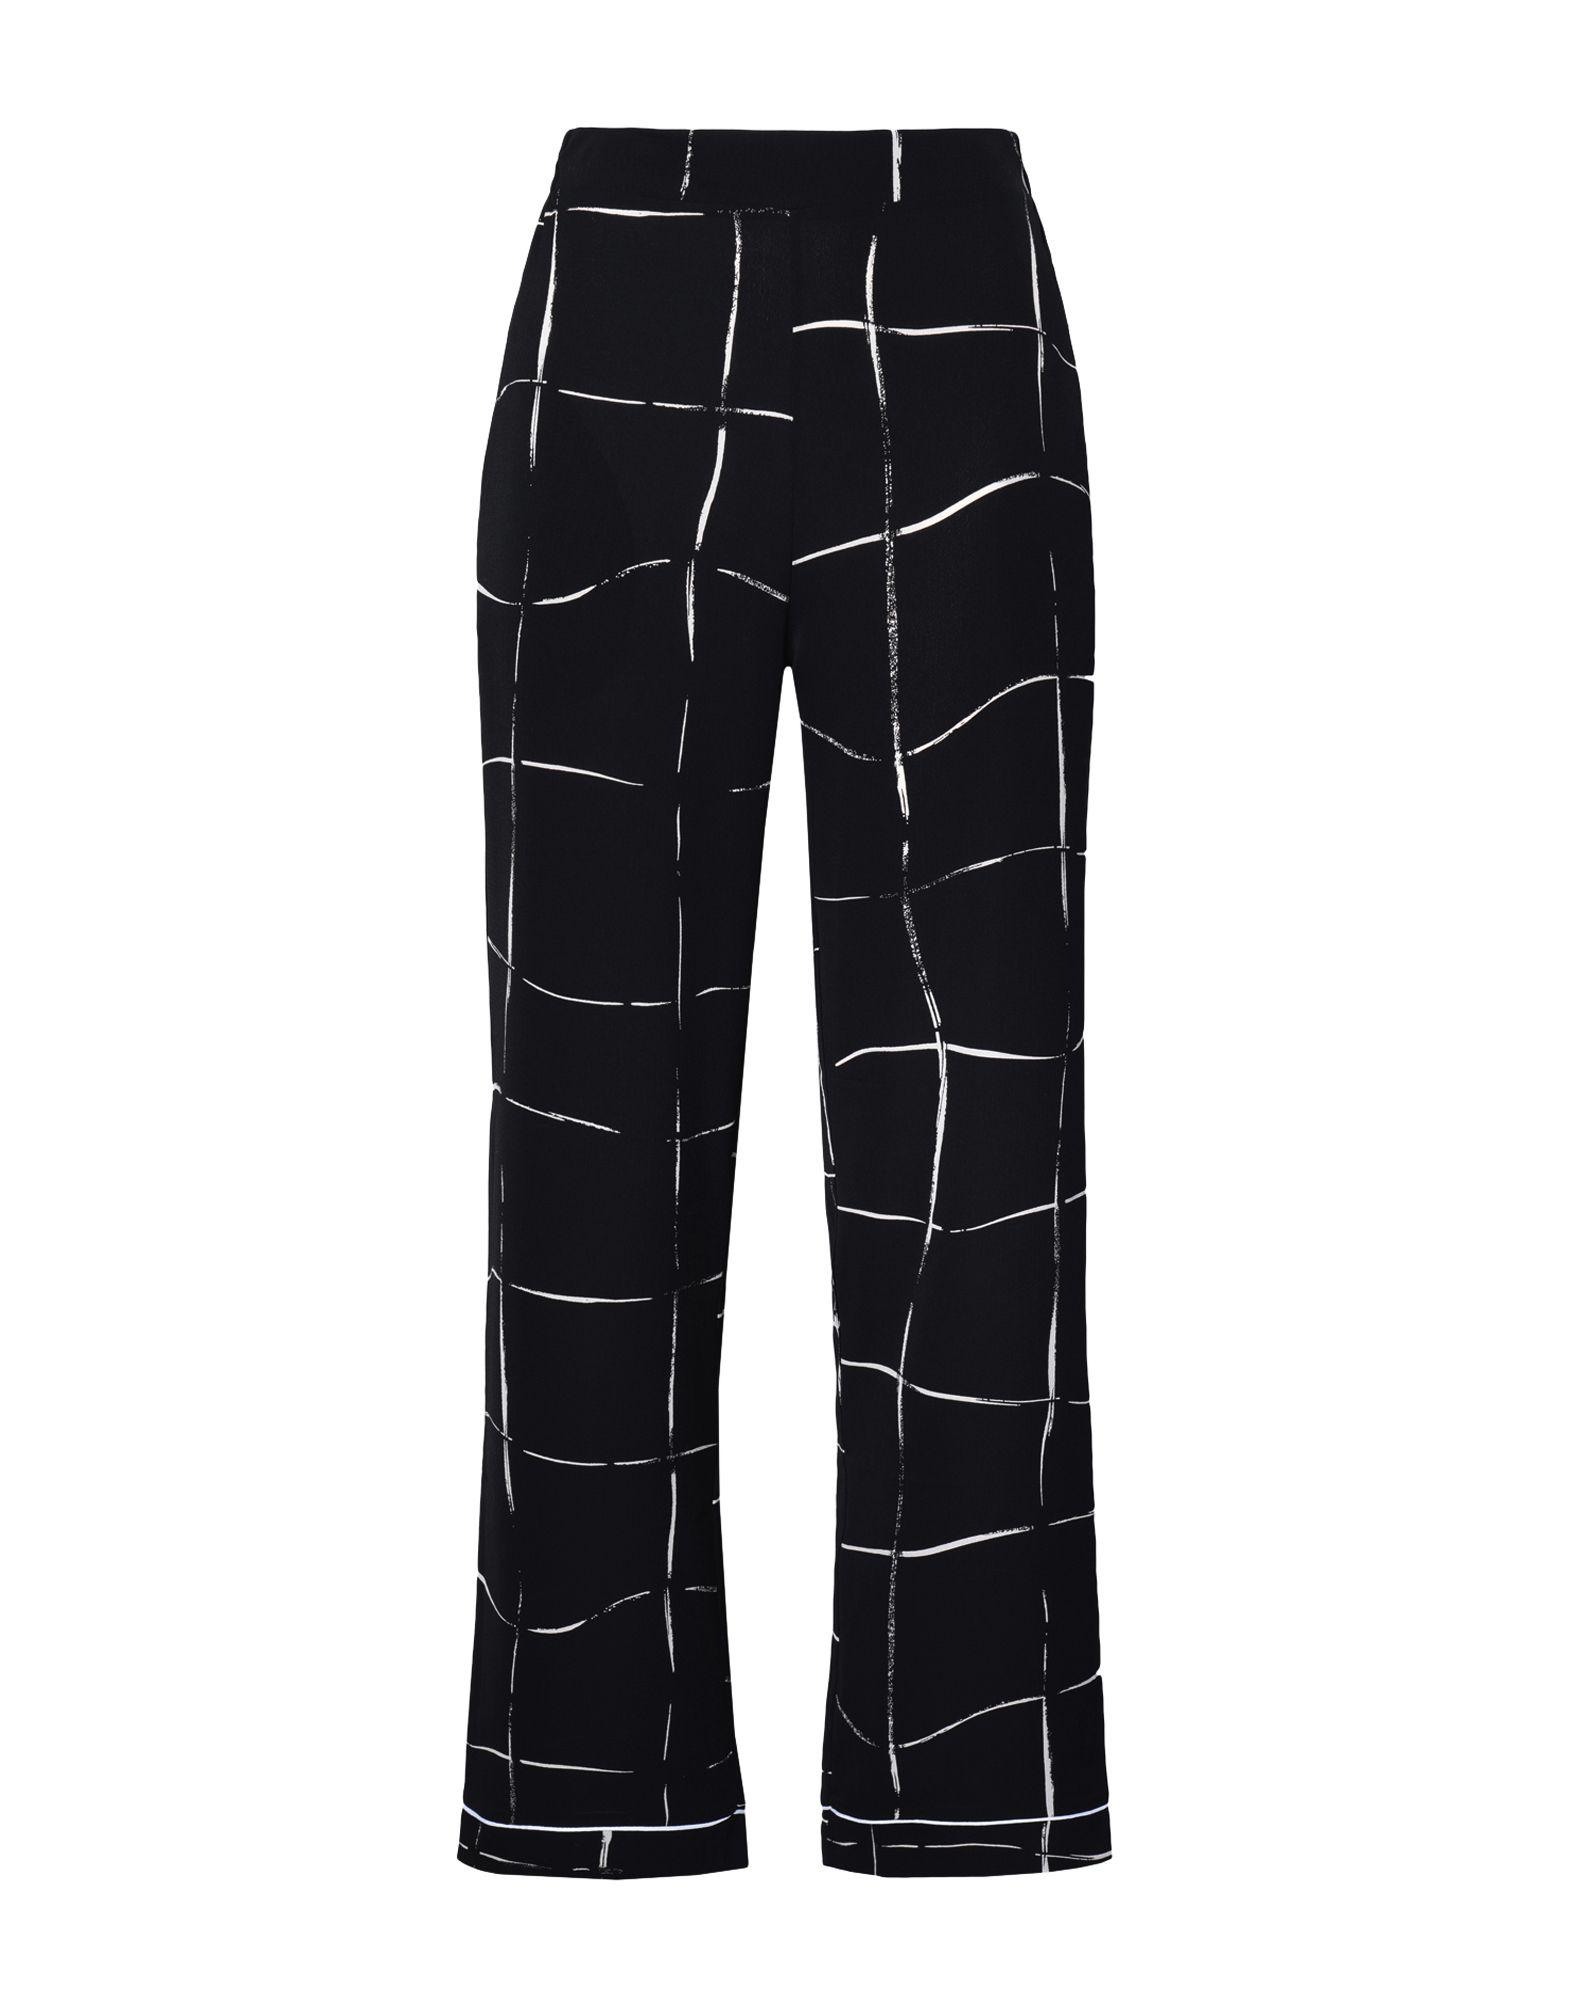 8 by YOOX Повседневные брюки брюки дудочки 7 8 с жаккардовым рисунком в горошек